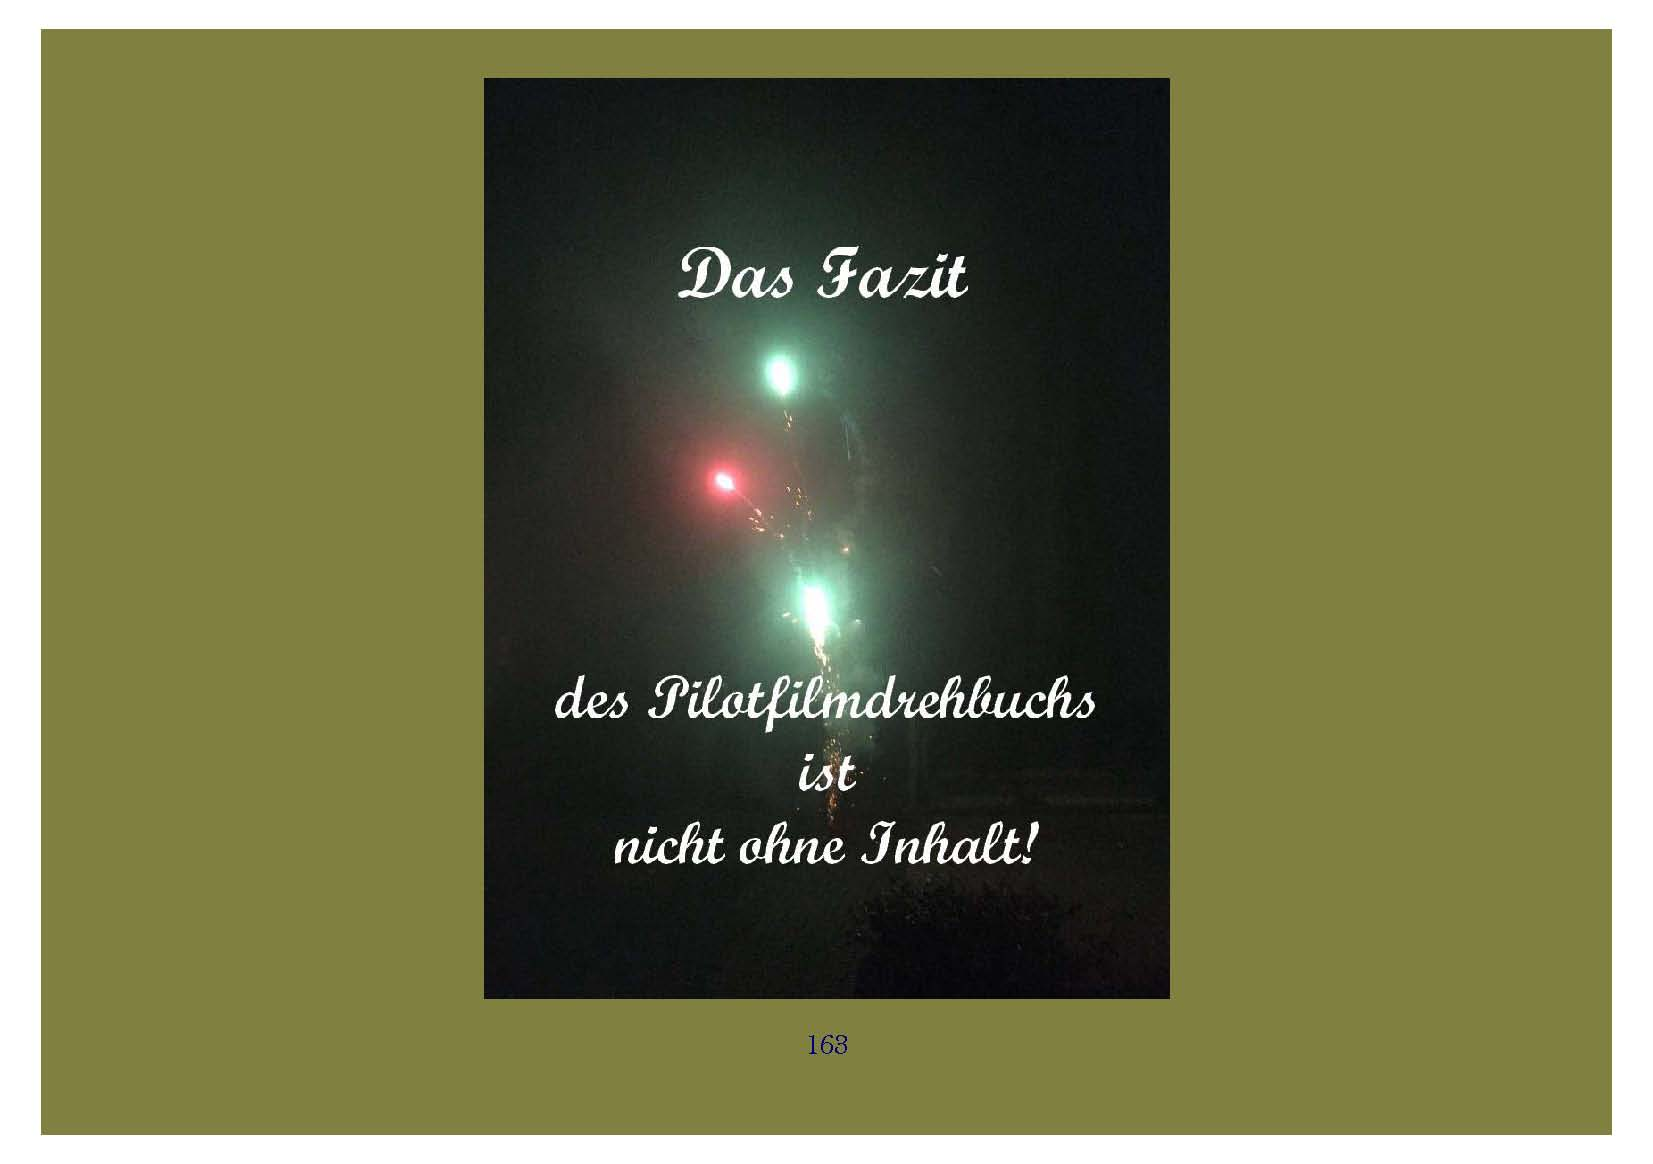 ™Gigabuch-Bibliothek/iAutobiographie Band 9/Bild 05653